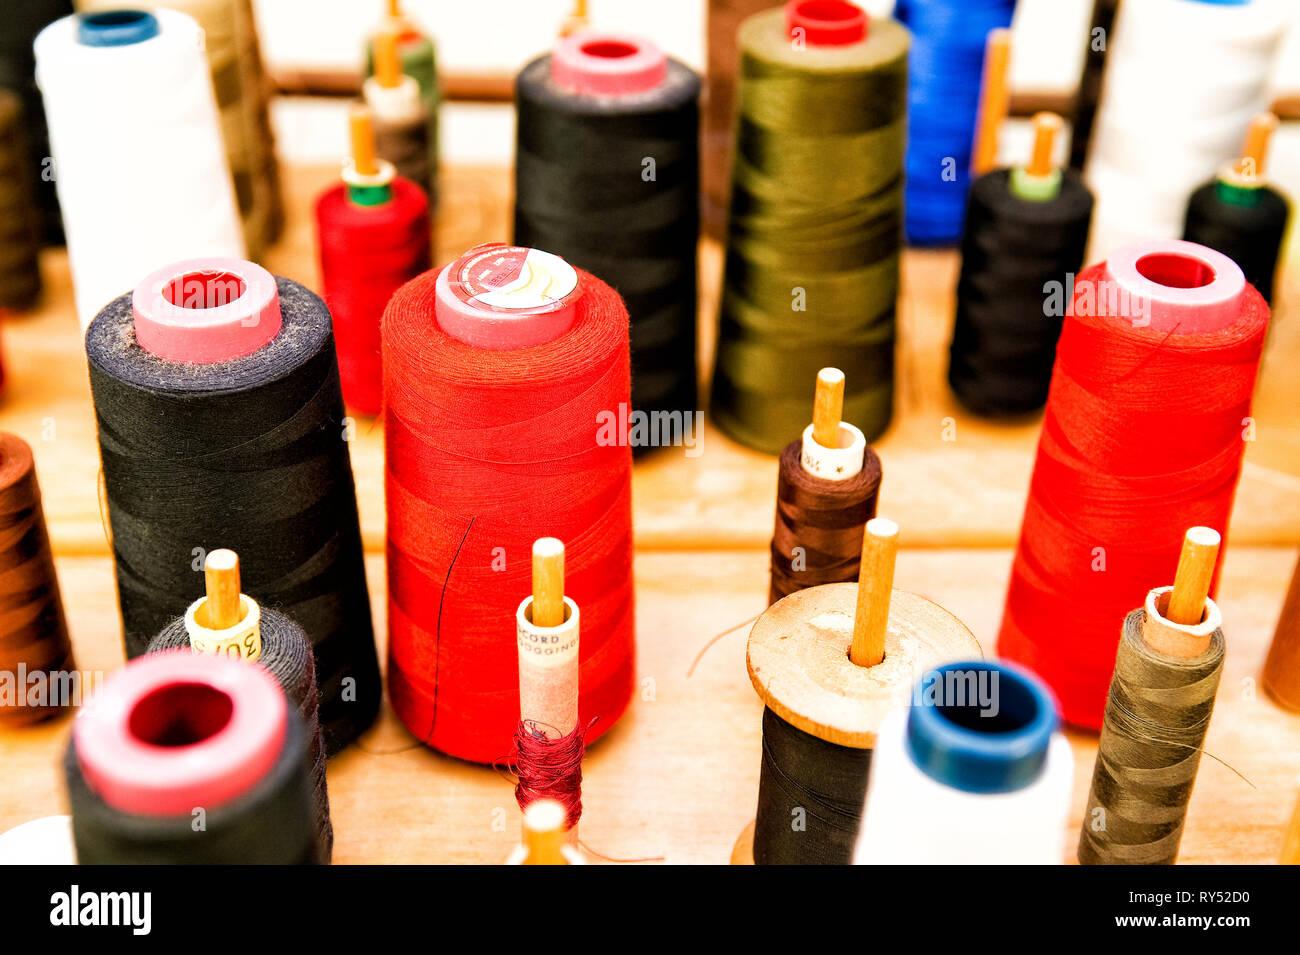 Nahaufnahme auf Rollen mit Naehgarn in unterschiedlichen Farben. - Stock Image